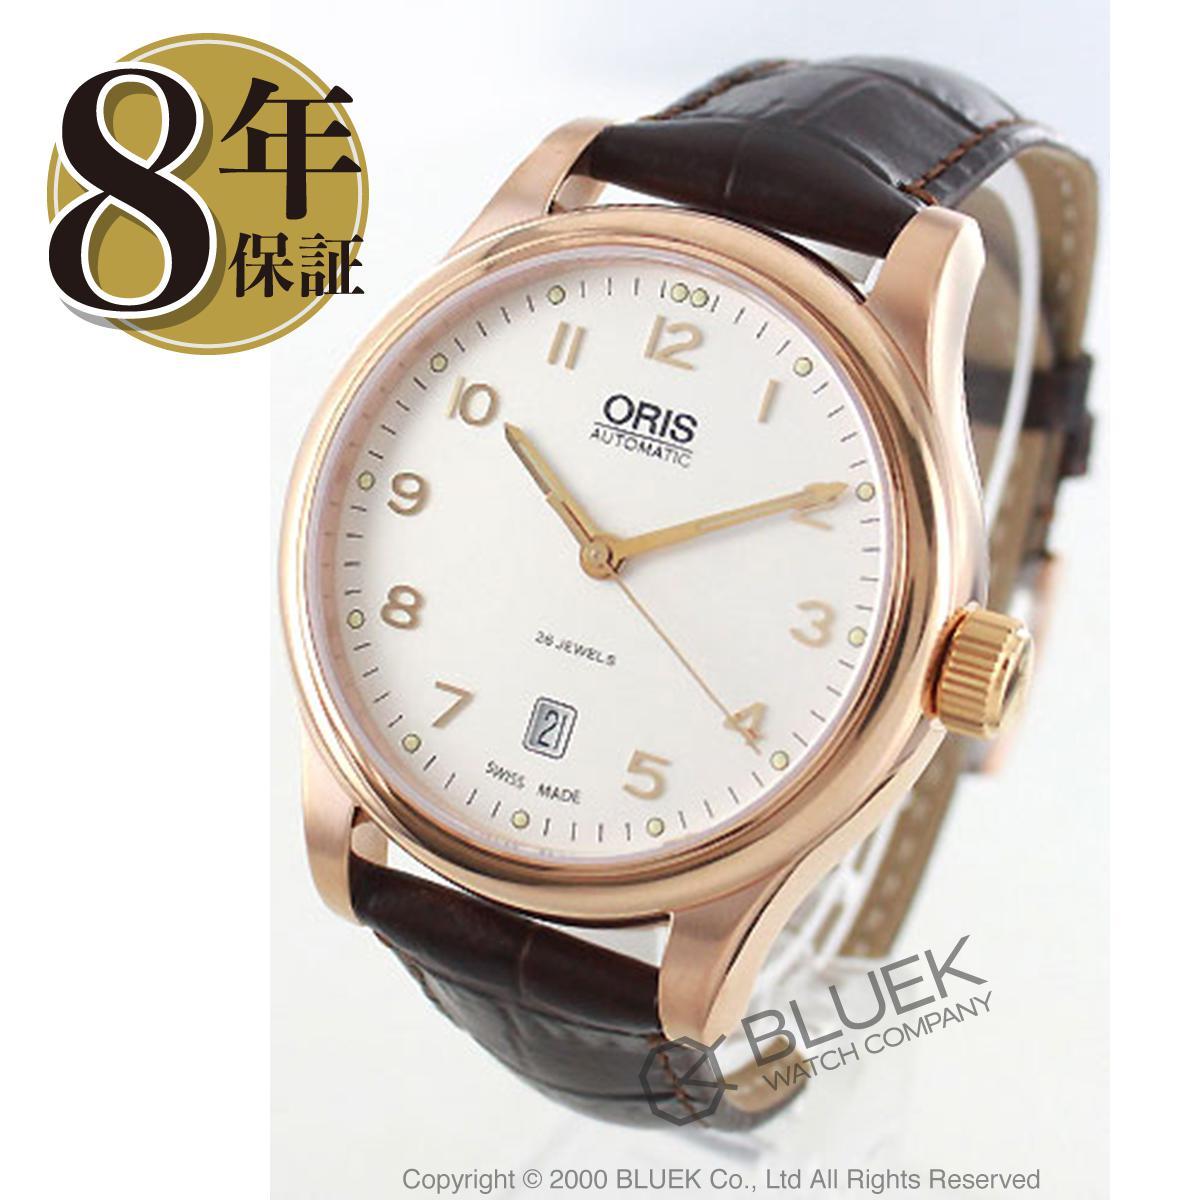 【1,000円OFFクーポン対象】オリス クラシック 腕時計 メンズ ORIS 733 7594 4891F_8